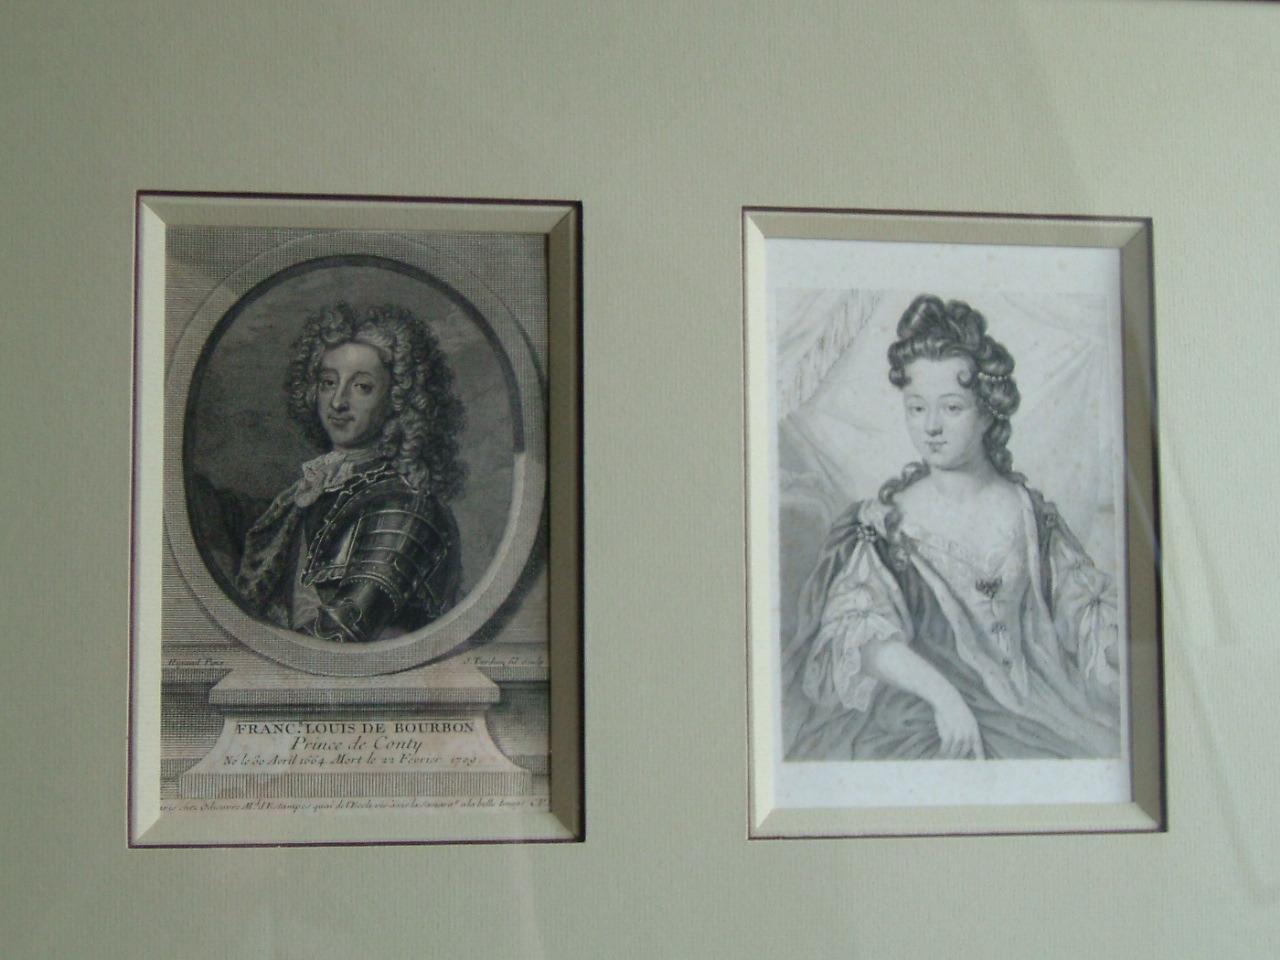 TARDIEU Jean Charles, TARDIEU-COCHIN (dit), RIGAUD Hyacinthe (d'après) : François Louis de Bourbon, Prince de Conty, né le 30 avril 1664. Mort le 22 février 1709 et Marie Thérése de Condé, Princesse de Conti.